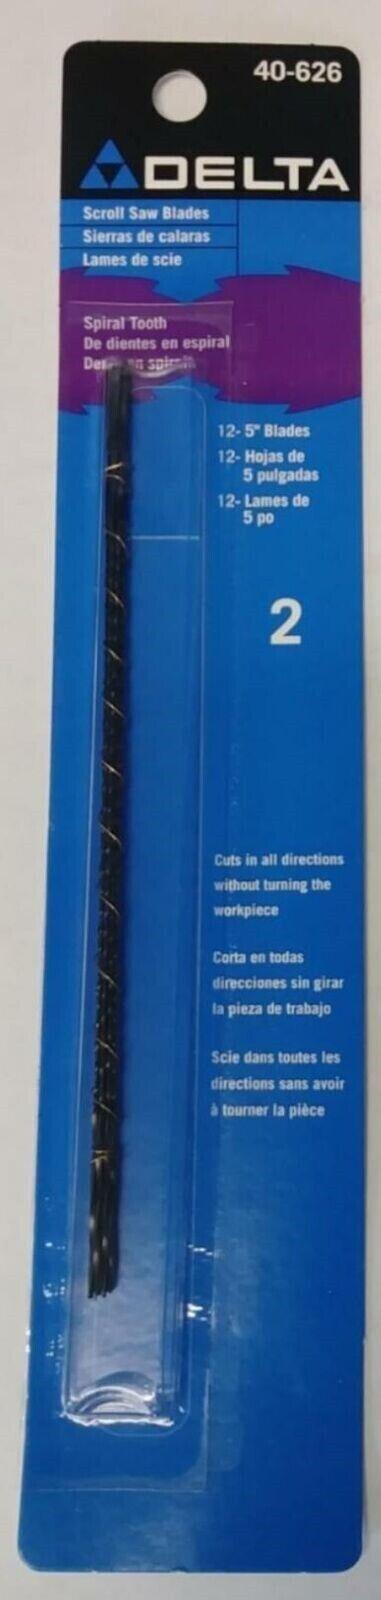 DELTA 40-626 5-Inch Scroll Saw Blade 41 Teeth per Inch